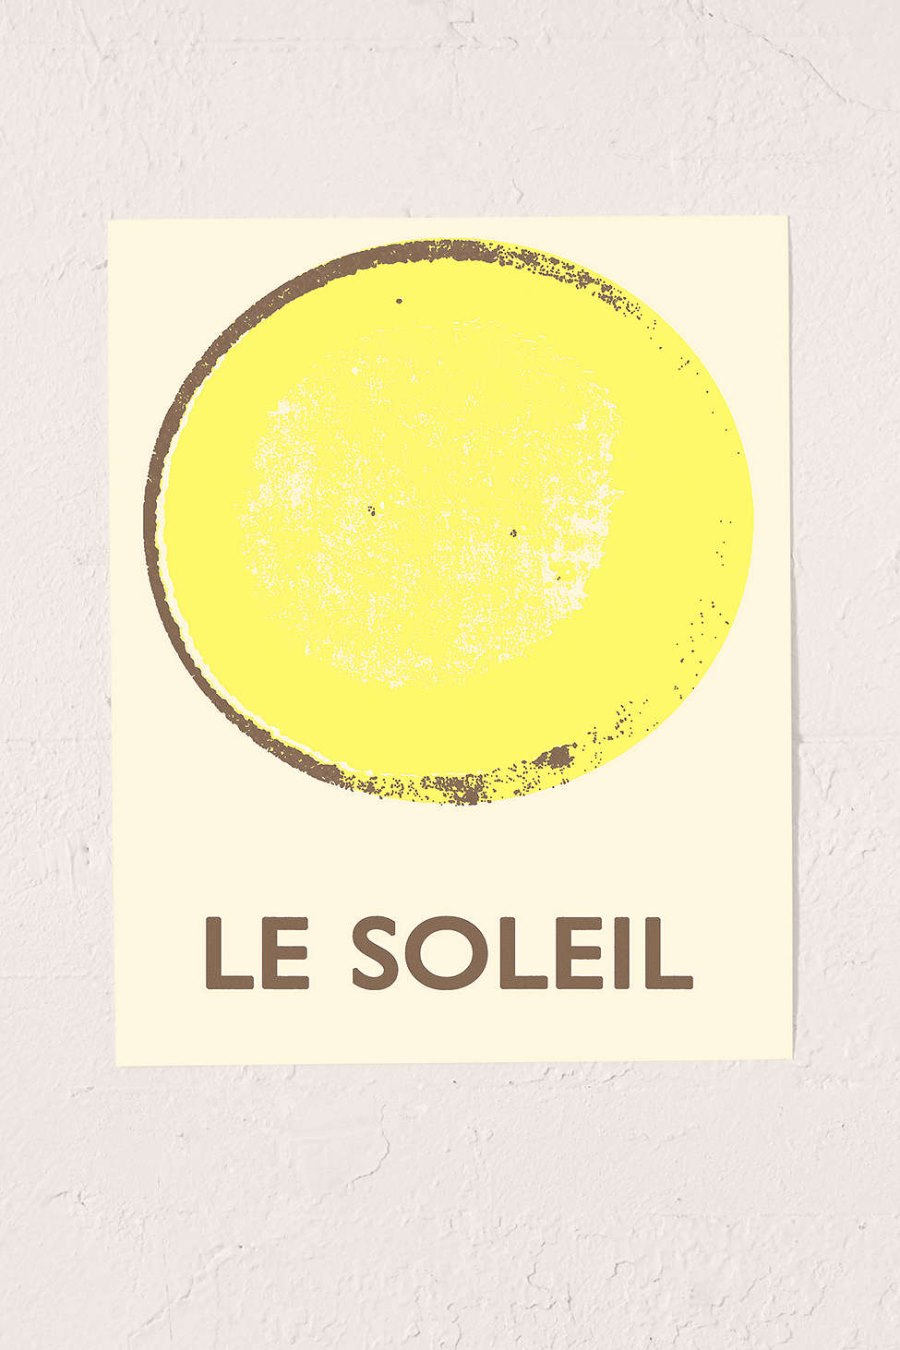 Le Soleil art print